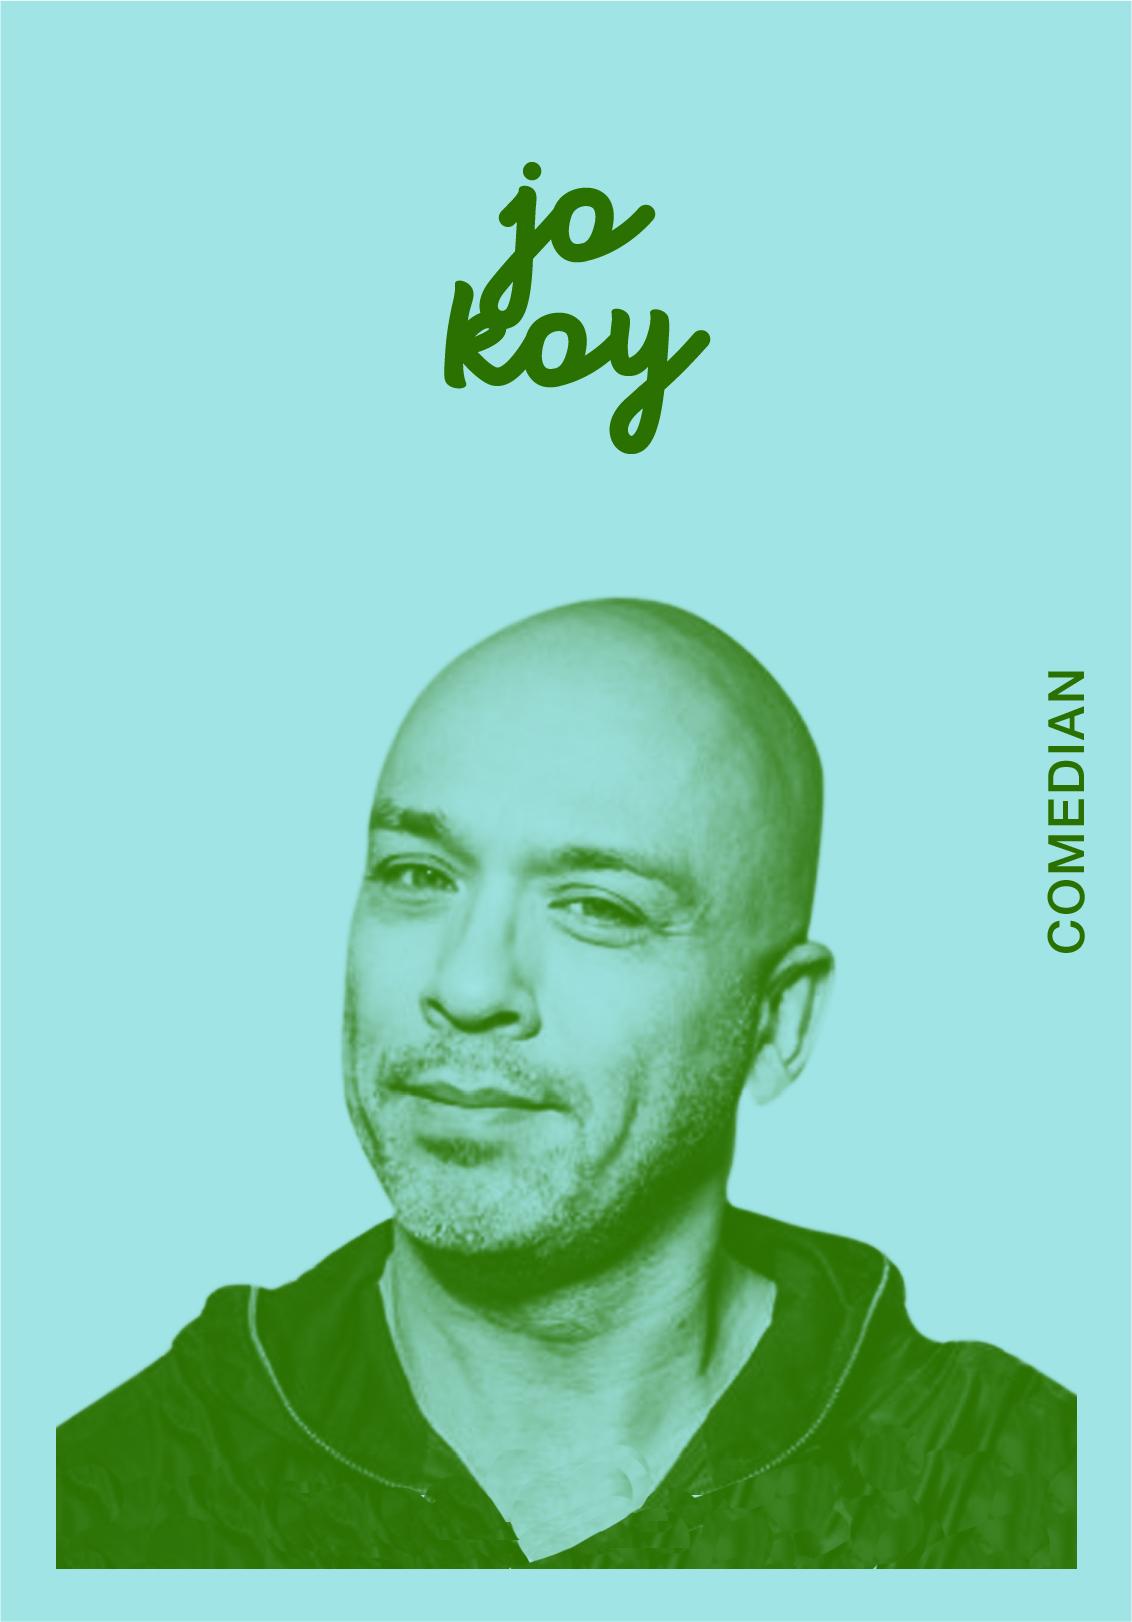 JO KOY   WEBSITE   @JOKOY   IG: JOKOY